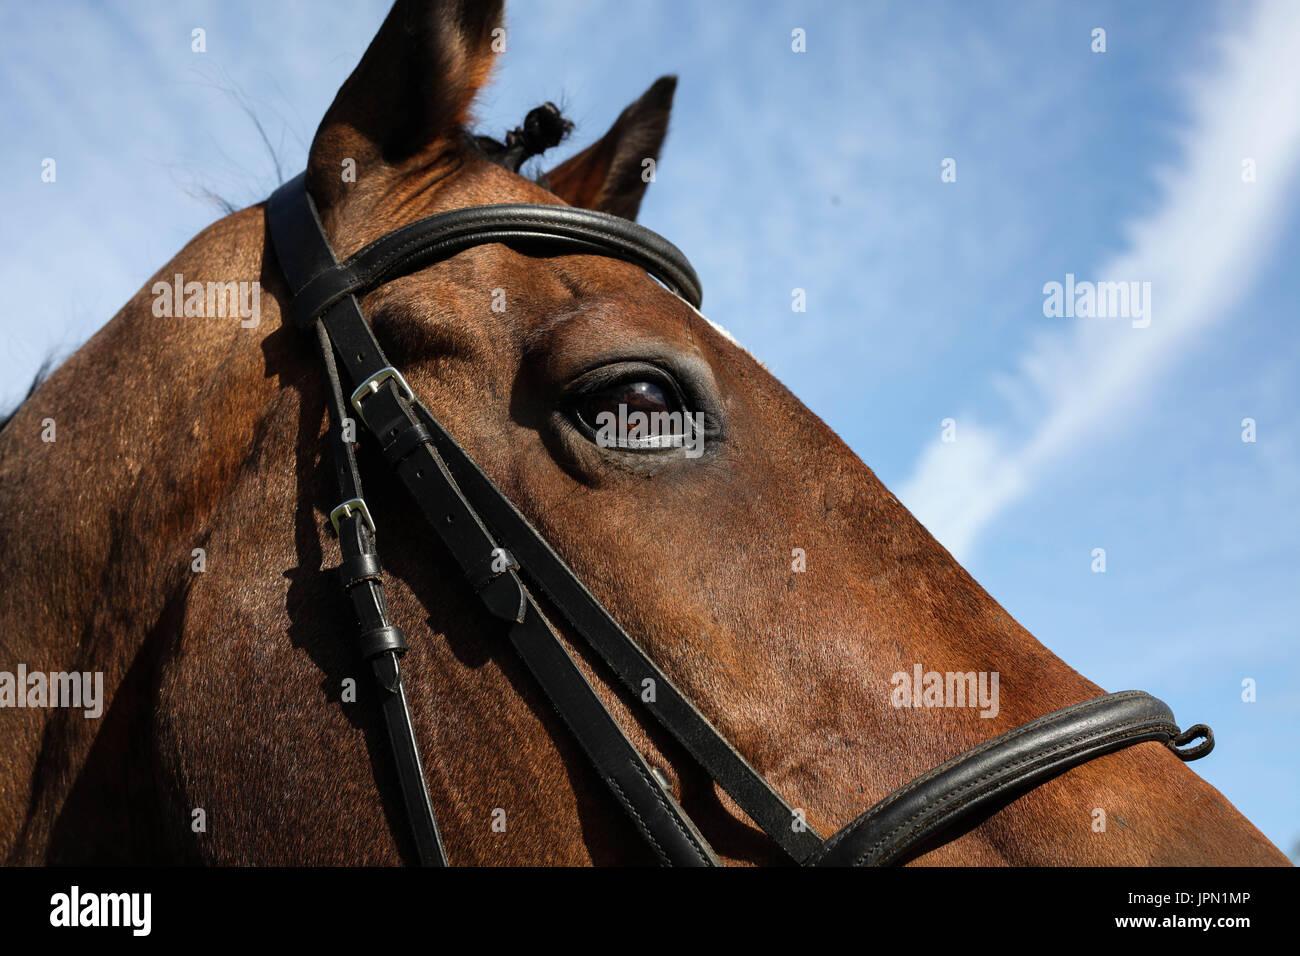 Equus ferus caballus Thoroughbred Ex racing Gelding Horse - Stock Image